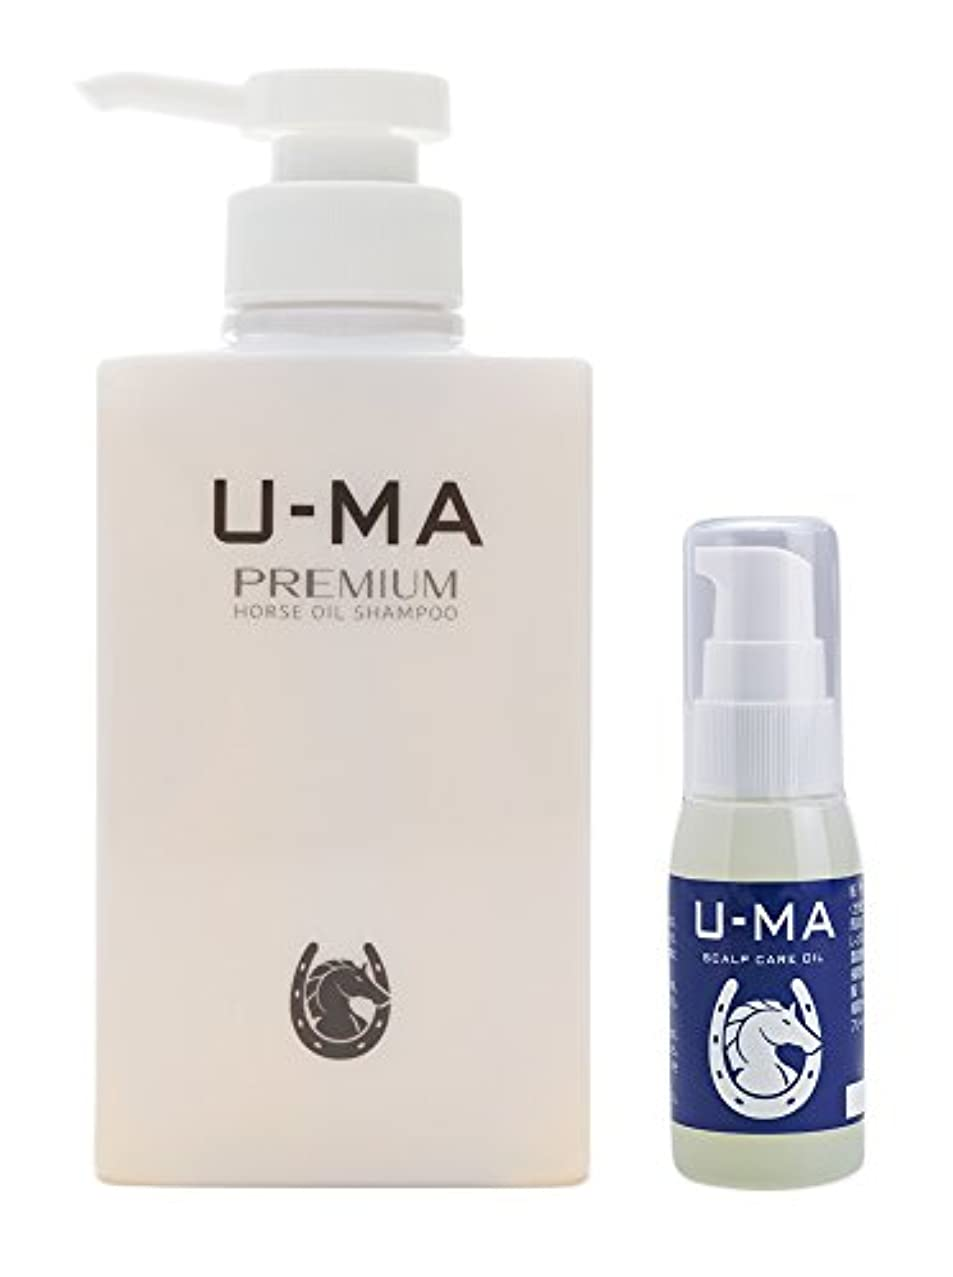 食べる圧縮する座標U-MA (ウーマ) スキャルプケアオイル 30ml & ウーマシャンプープレミアム 300ml セット